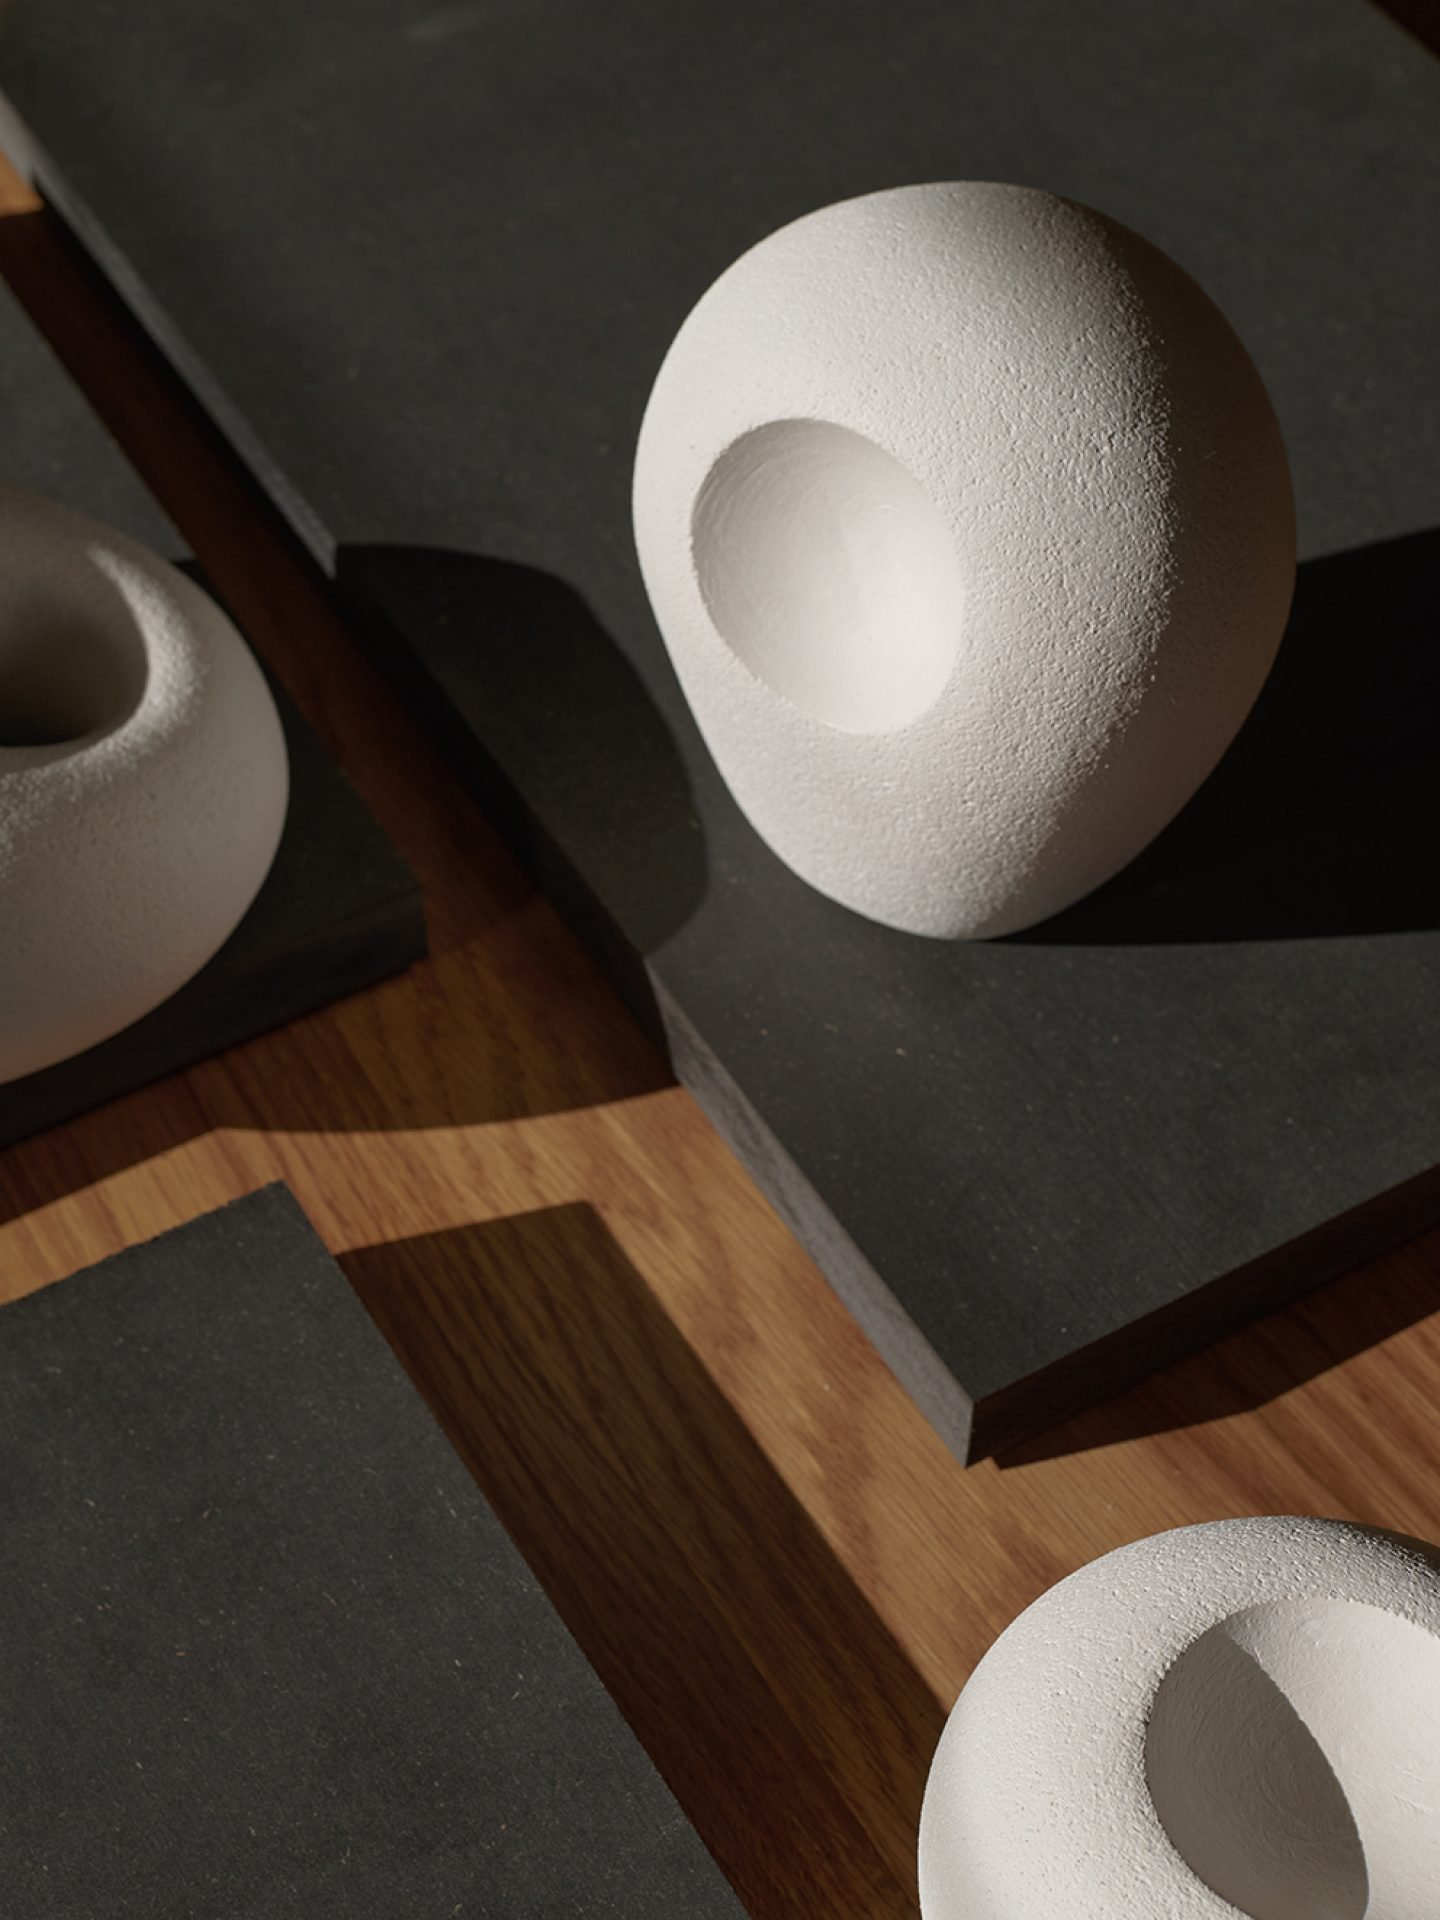 IGNANT-ART-Sculpture-Alium-01